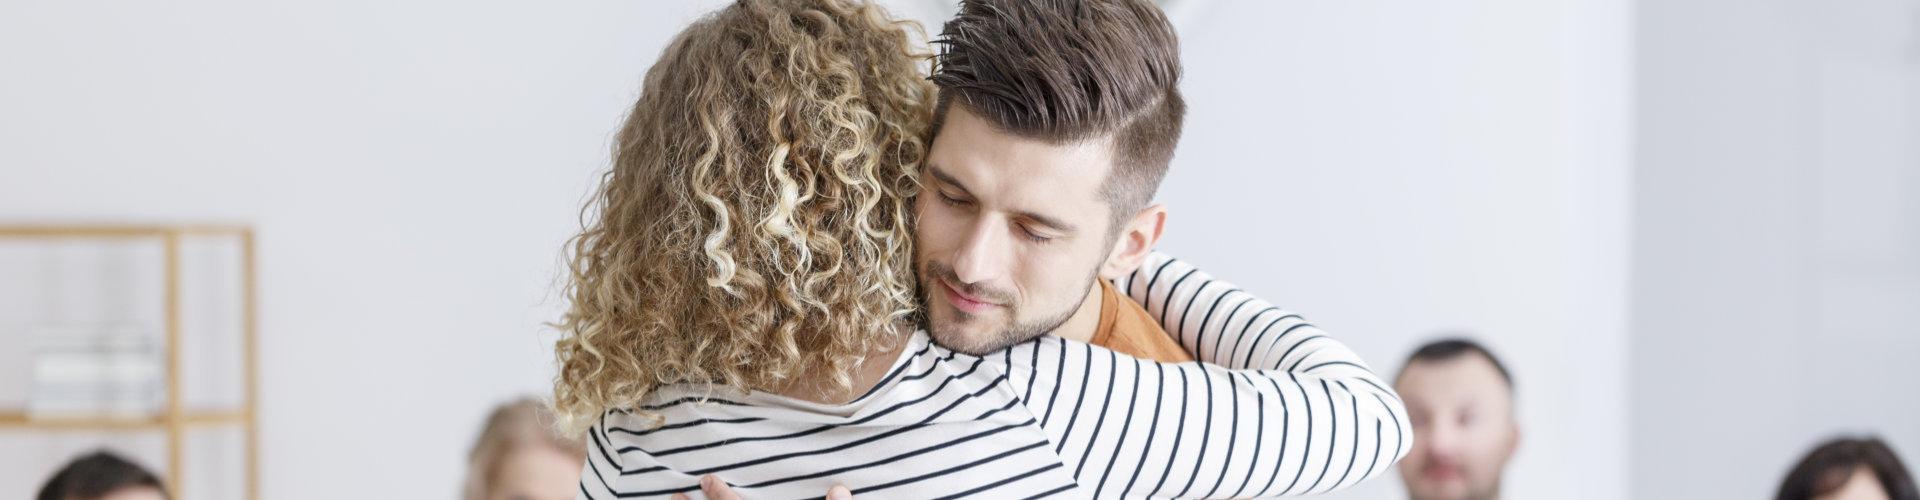 man hugging